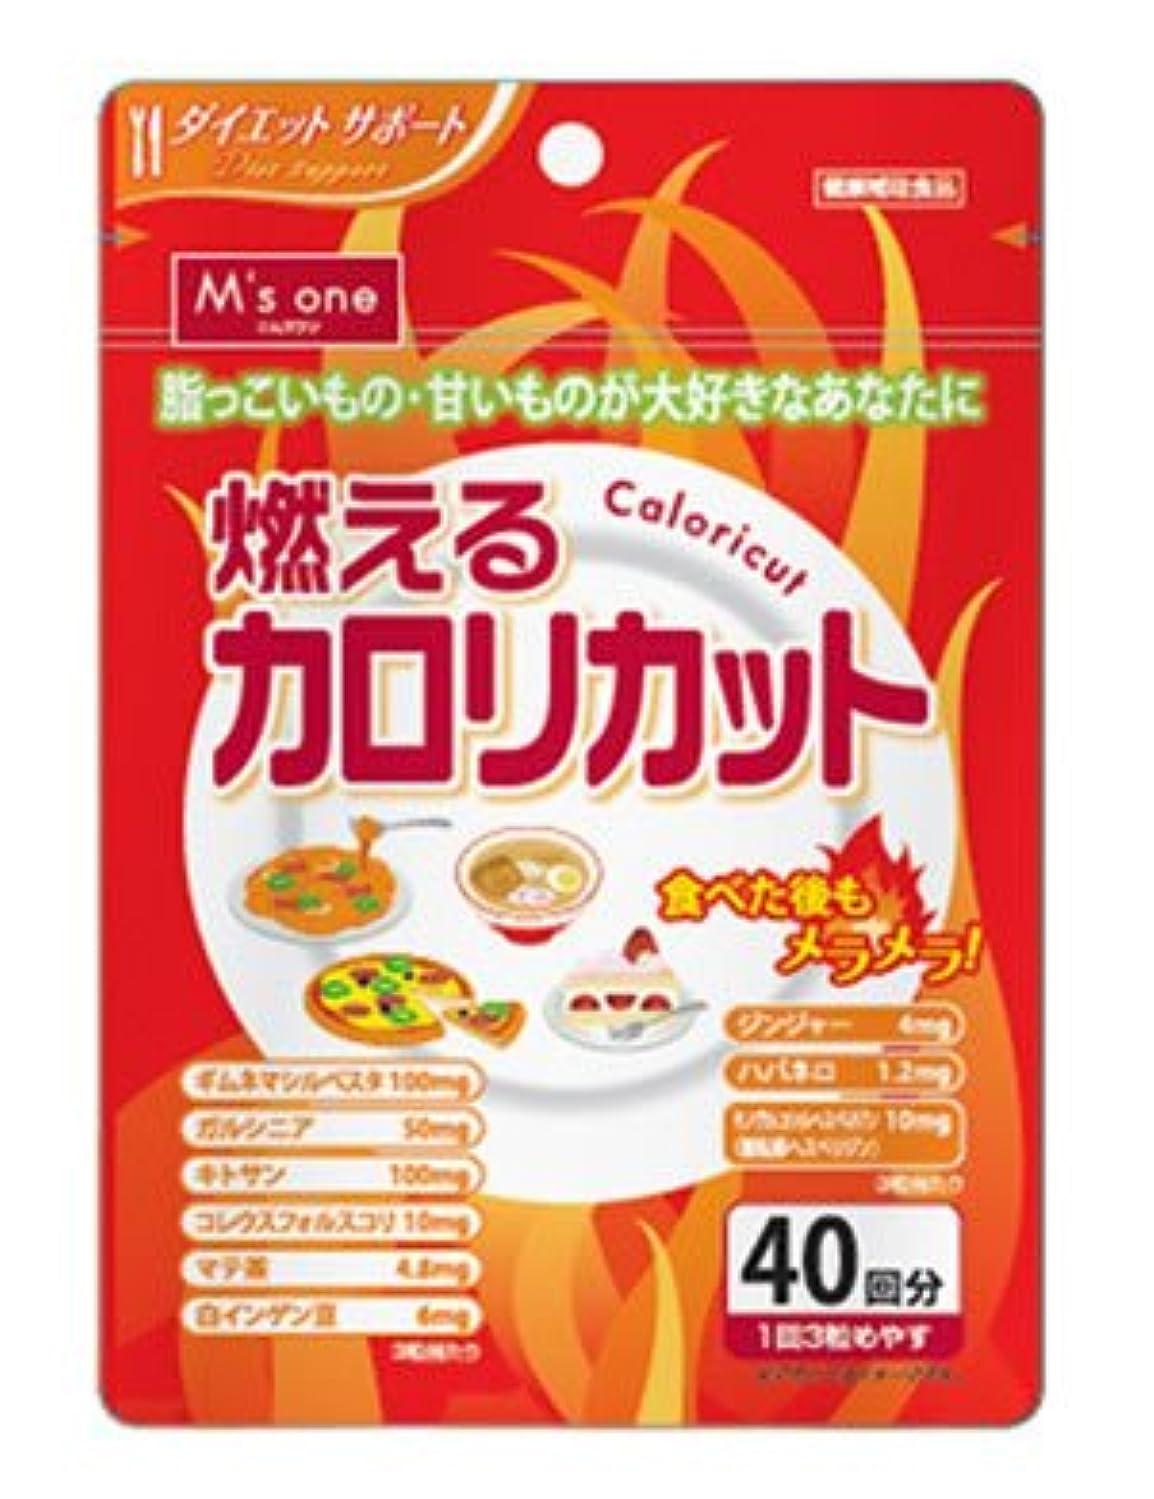 洗剤アイロニー好戦的なエムズワン 燃えるカロリカット ダイエットサポート サプリメント 健康補助食品 (40回分)